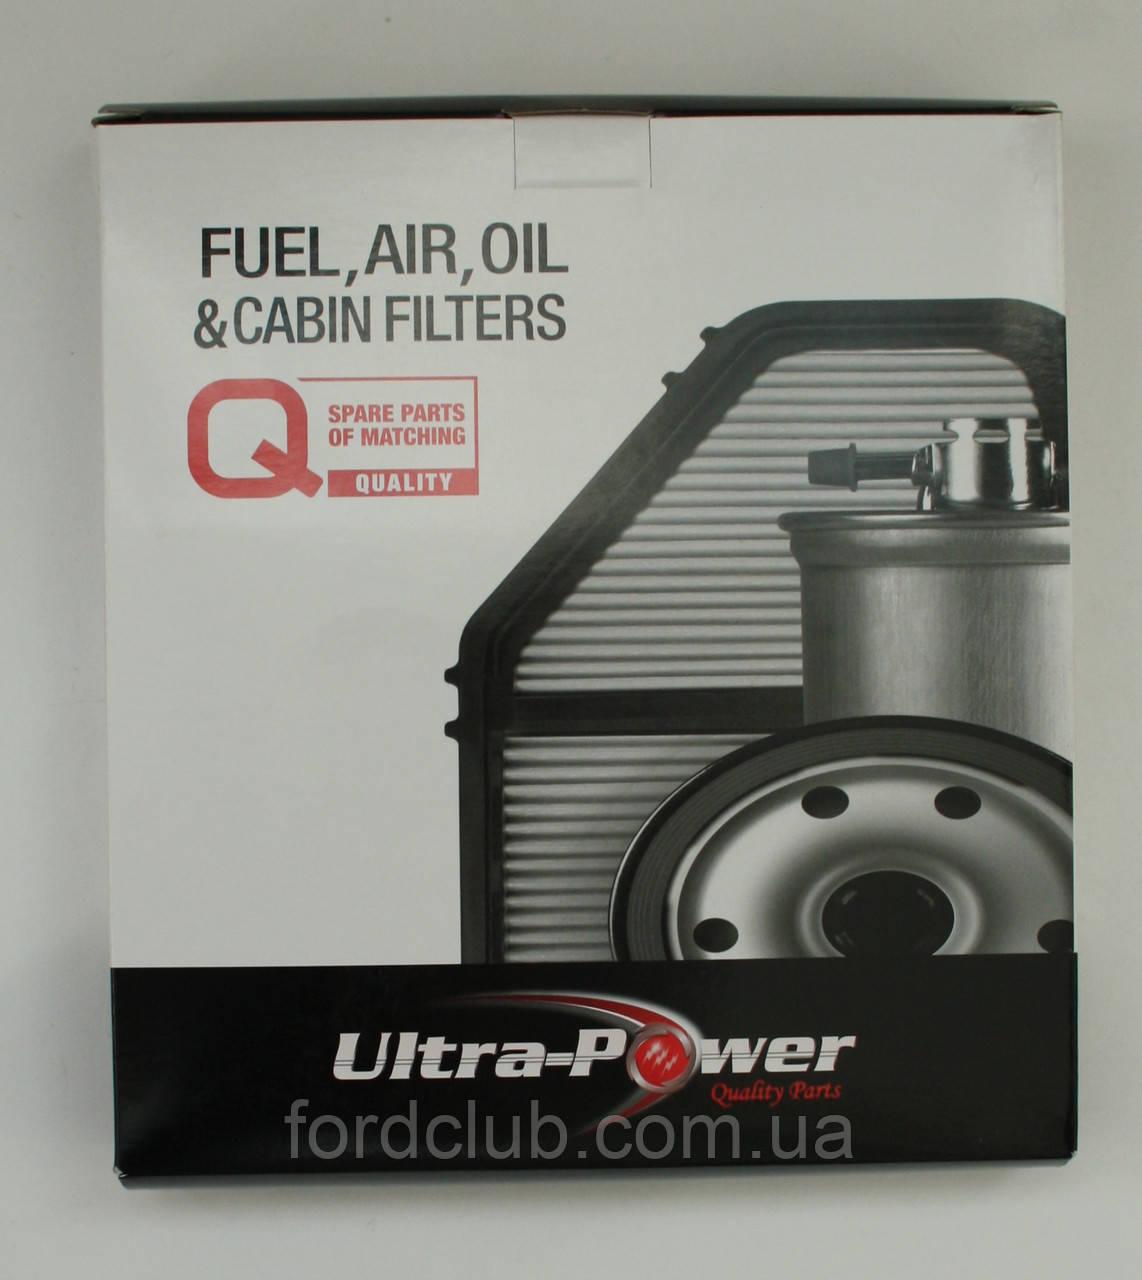 Фильтр воздушный Ford Fusion USA 2,0 hybrid; ULTRA-POWER